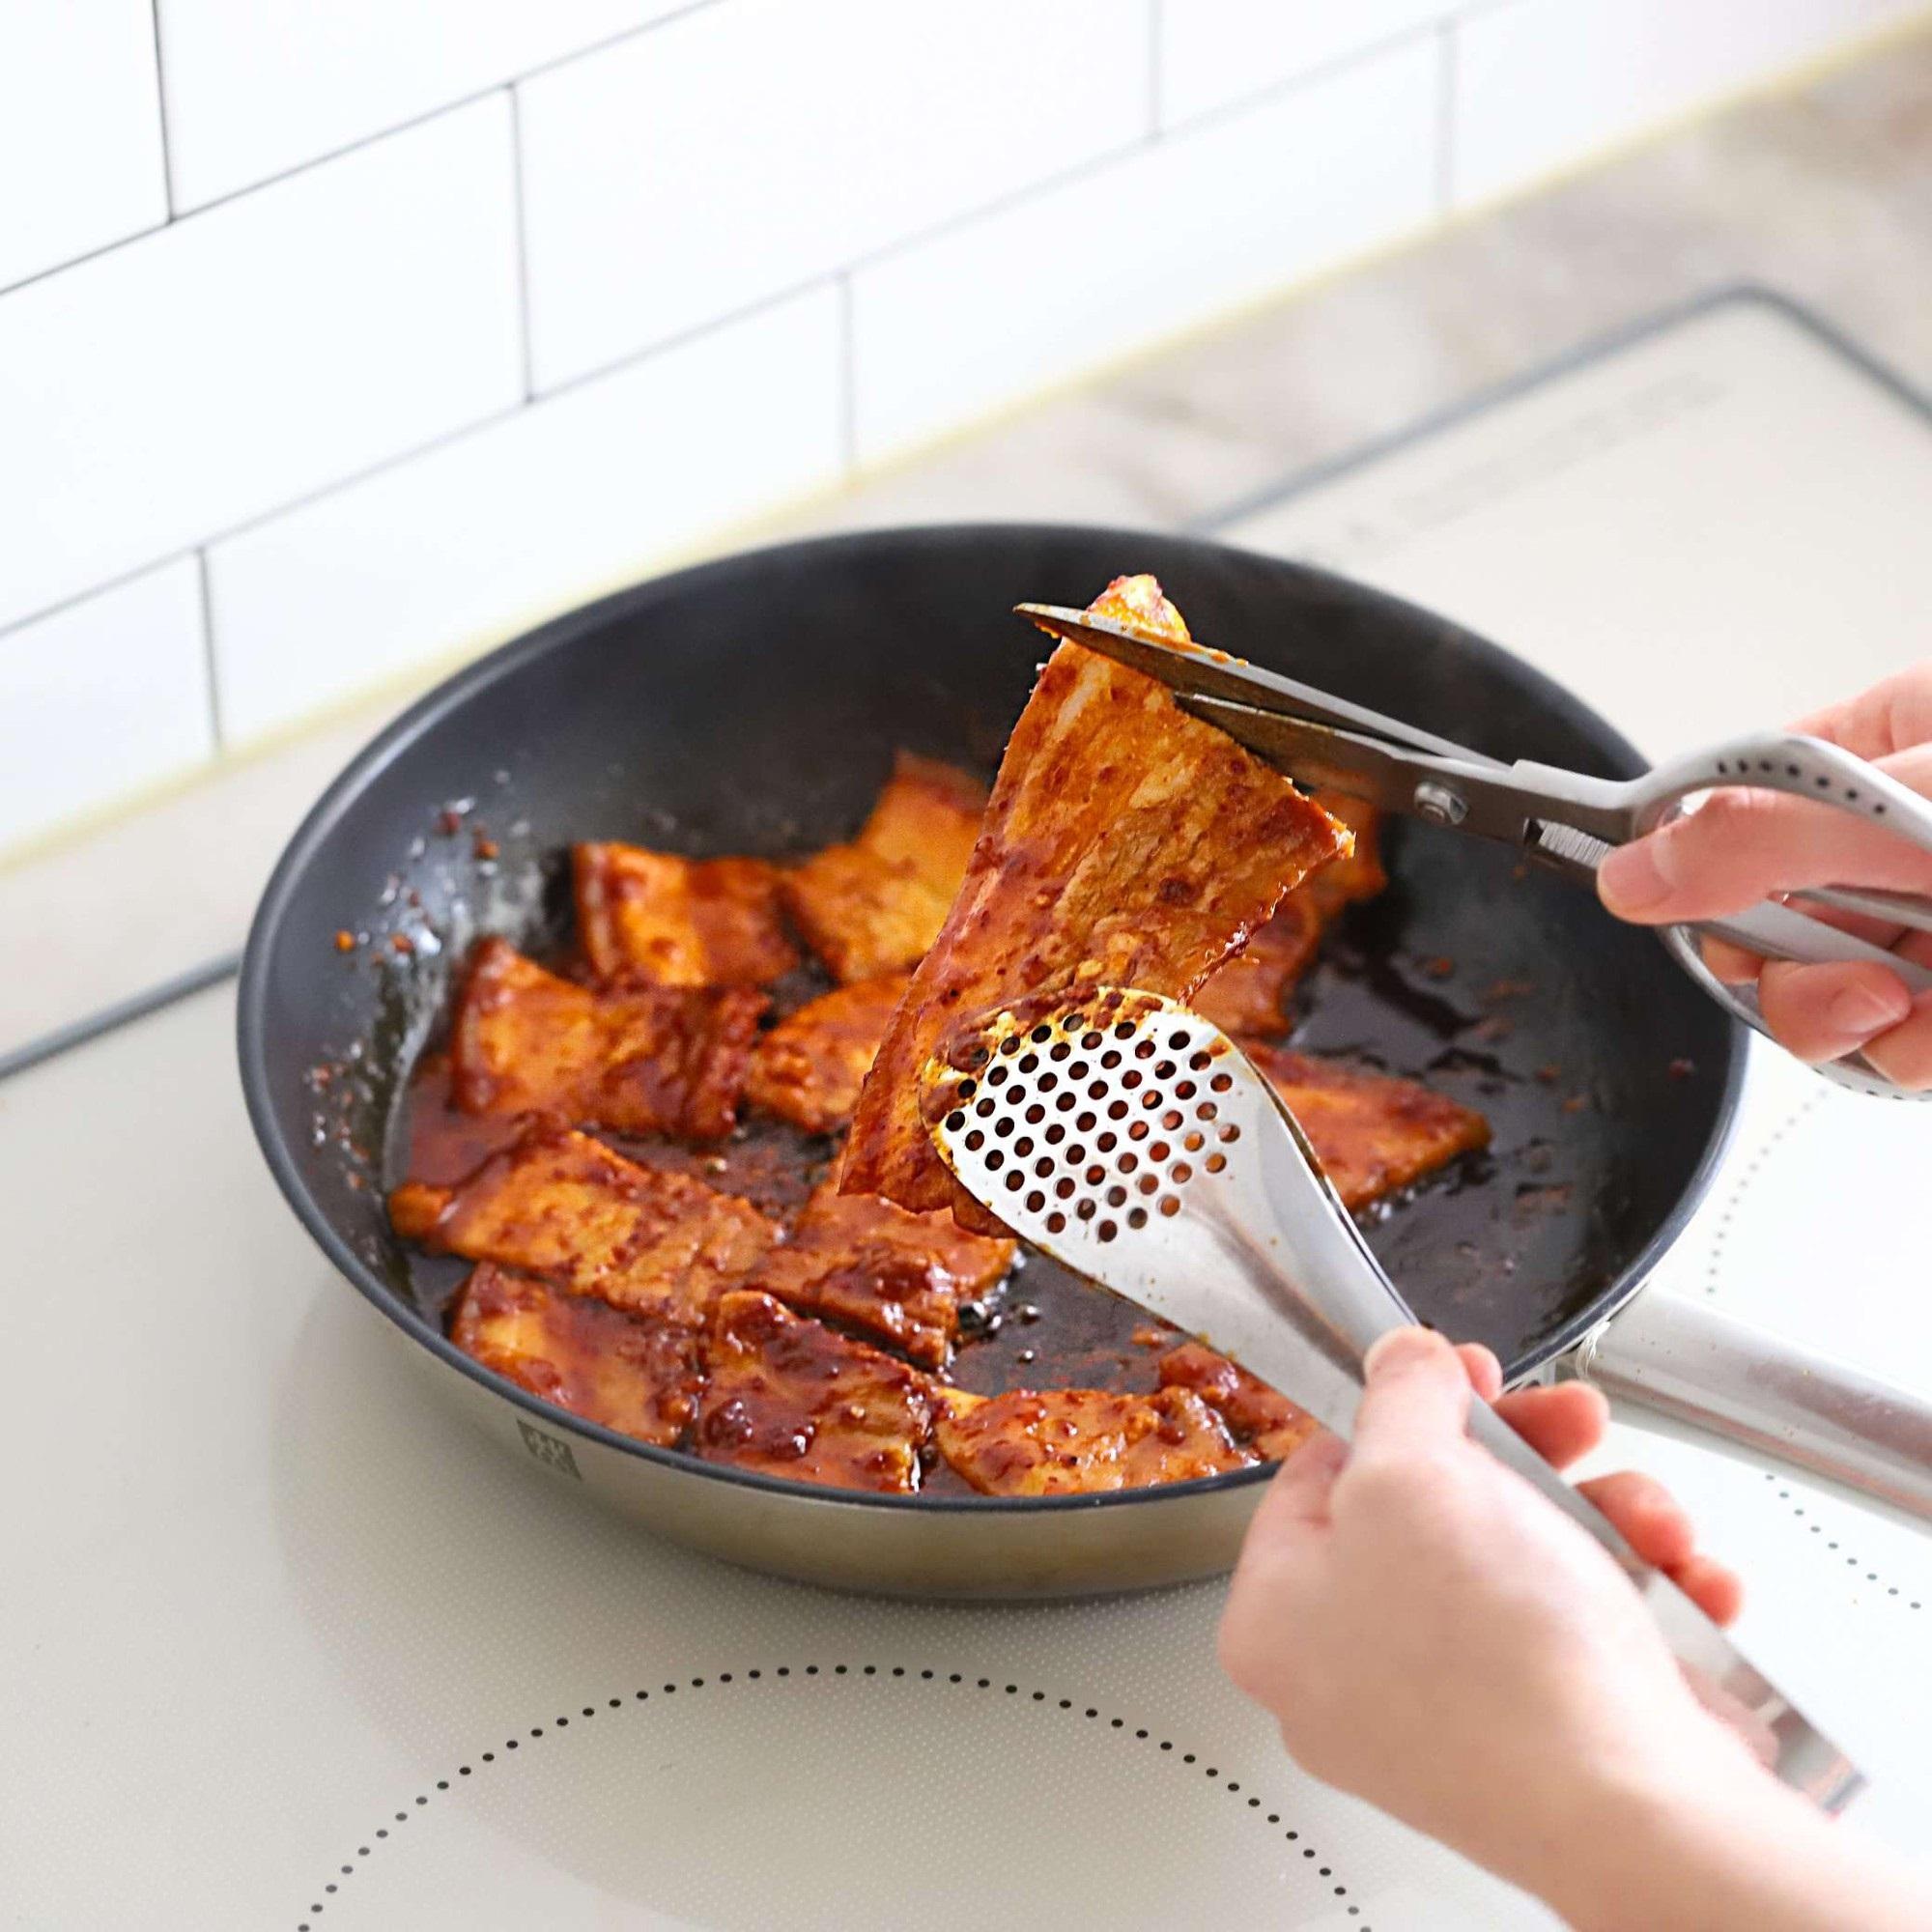 Học người Hàn cách làm món thịt áp chảo ngon ngất ngây ăn mùa lạnh hợp vô cùng - Ảnh 5